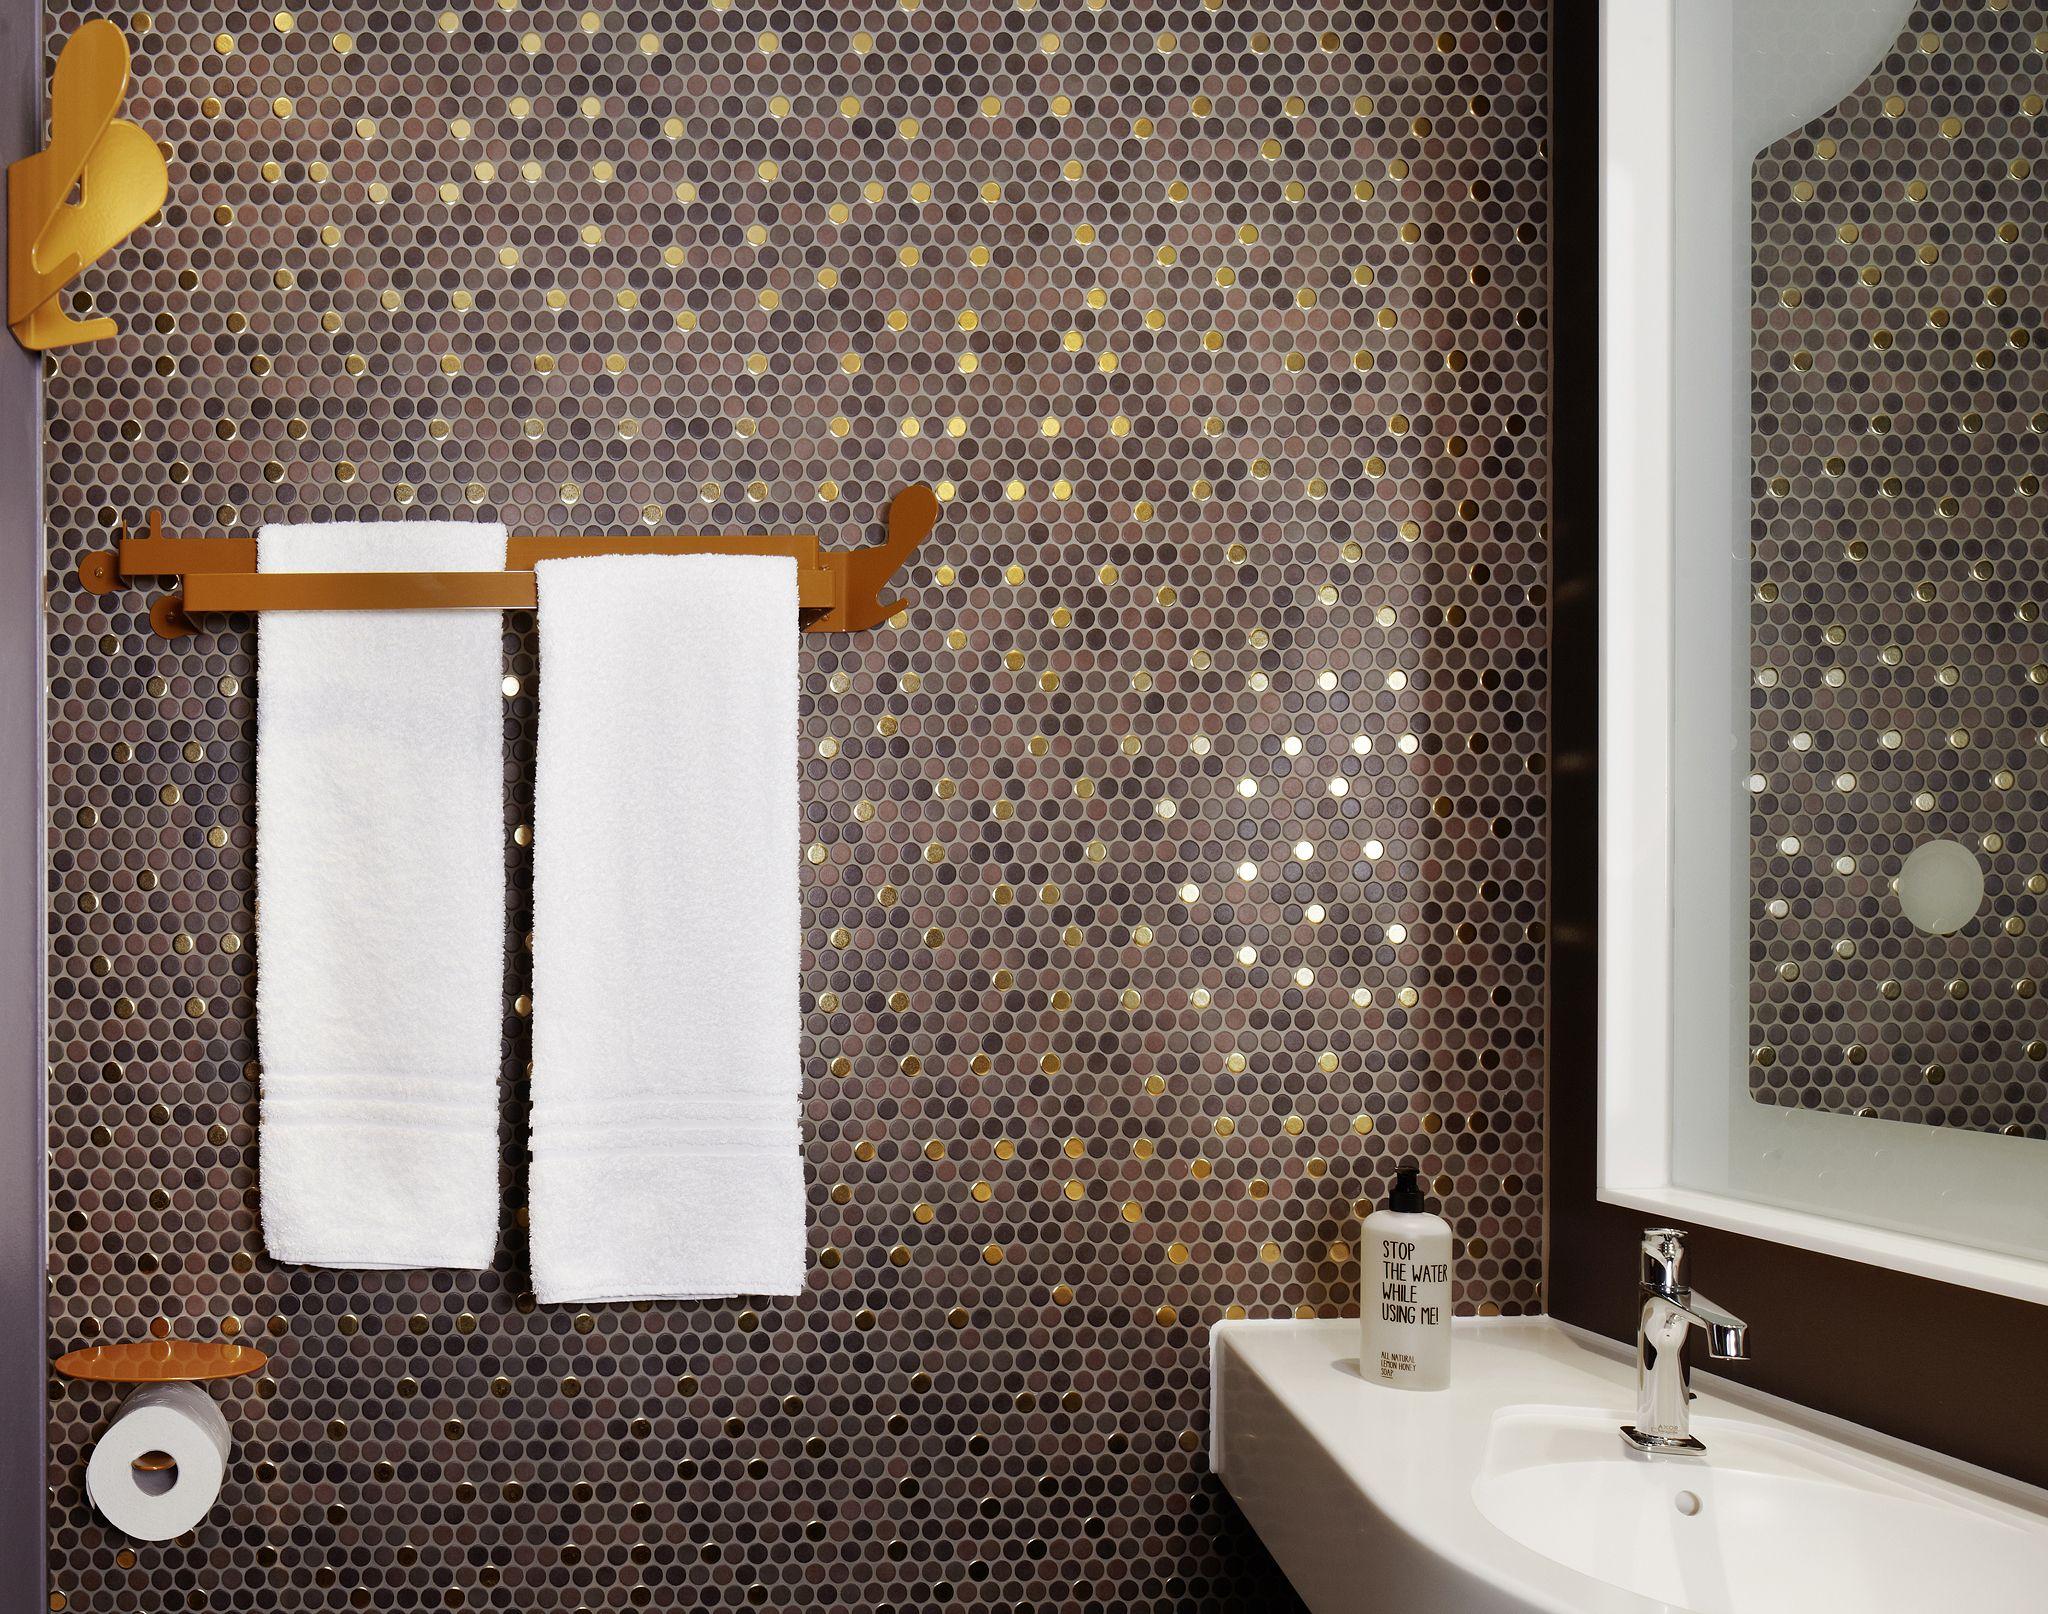 Design Detail Im 25hours Hotel Zurich West Hotel Zurich Hotel Designer